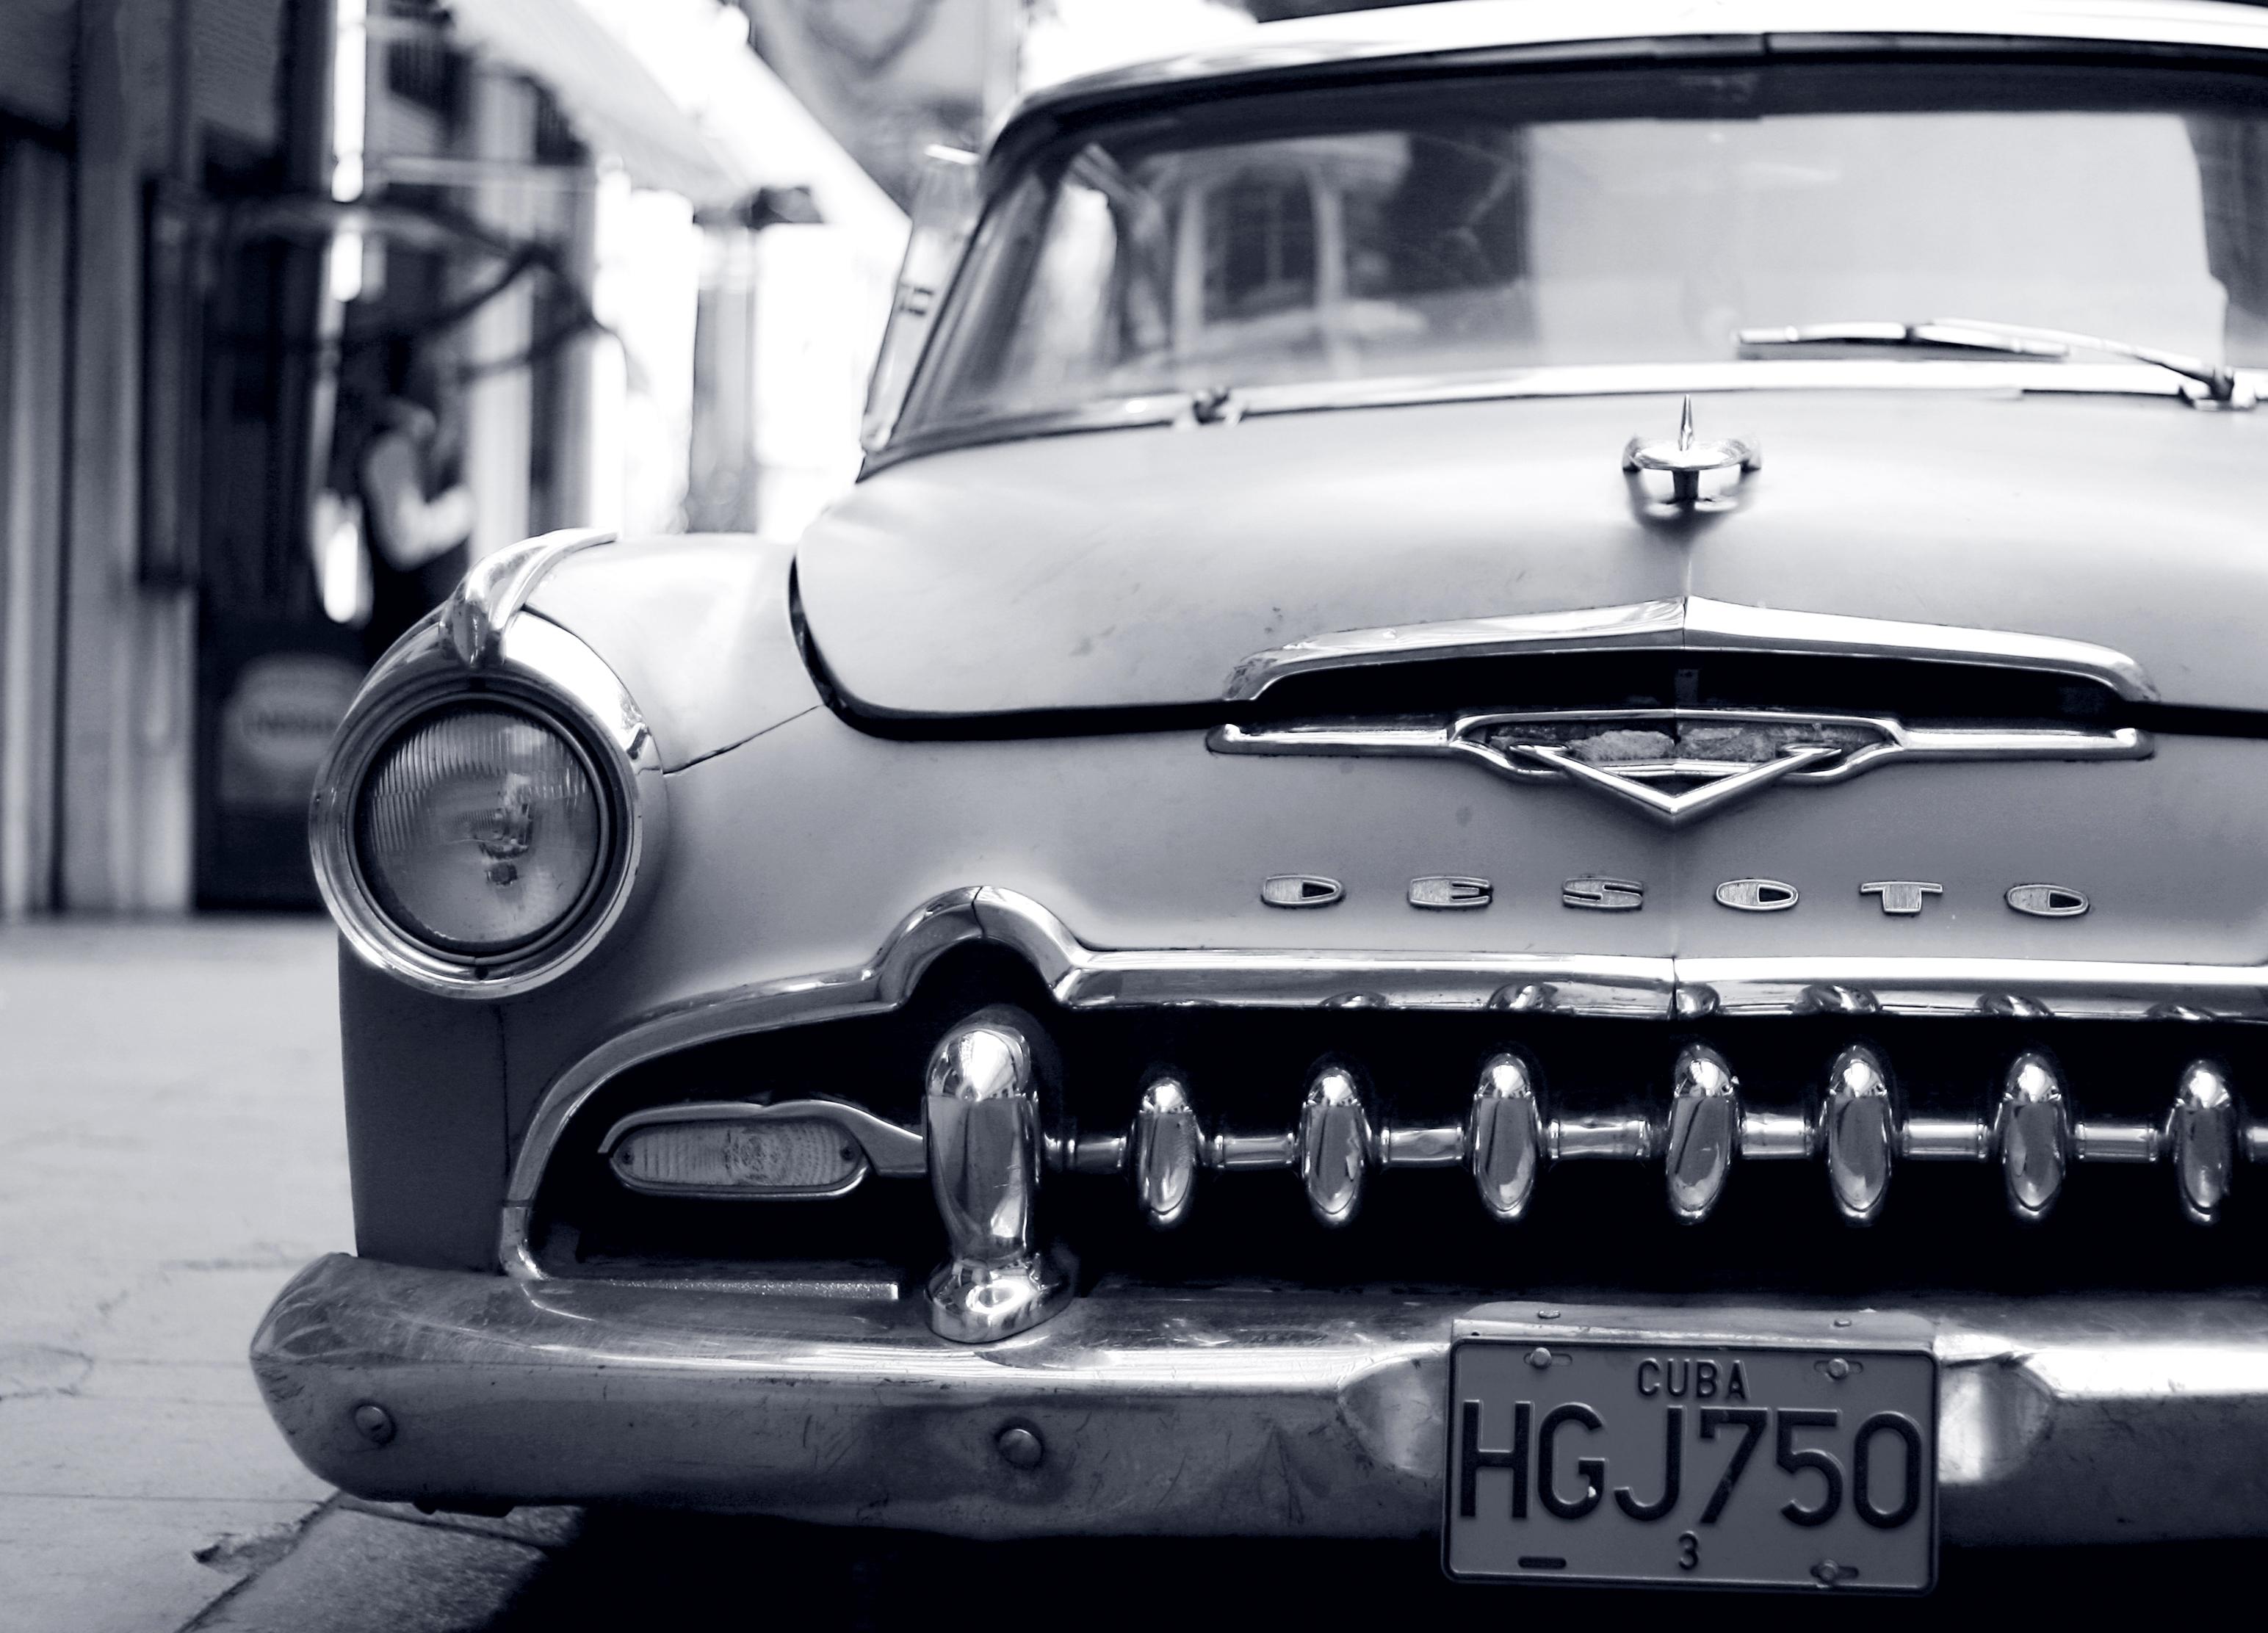 cuban 1950s cars